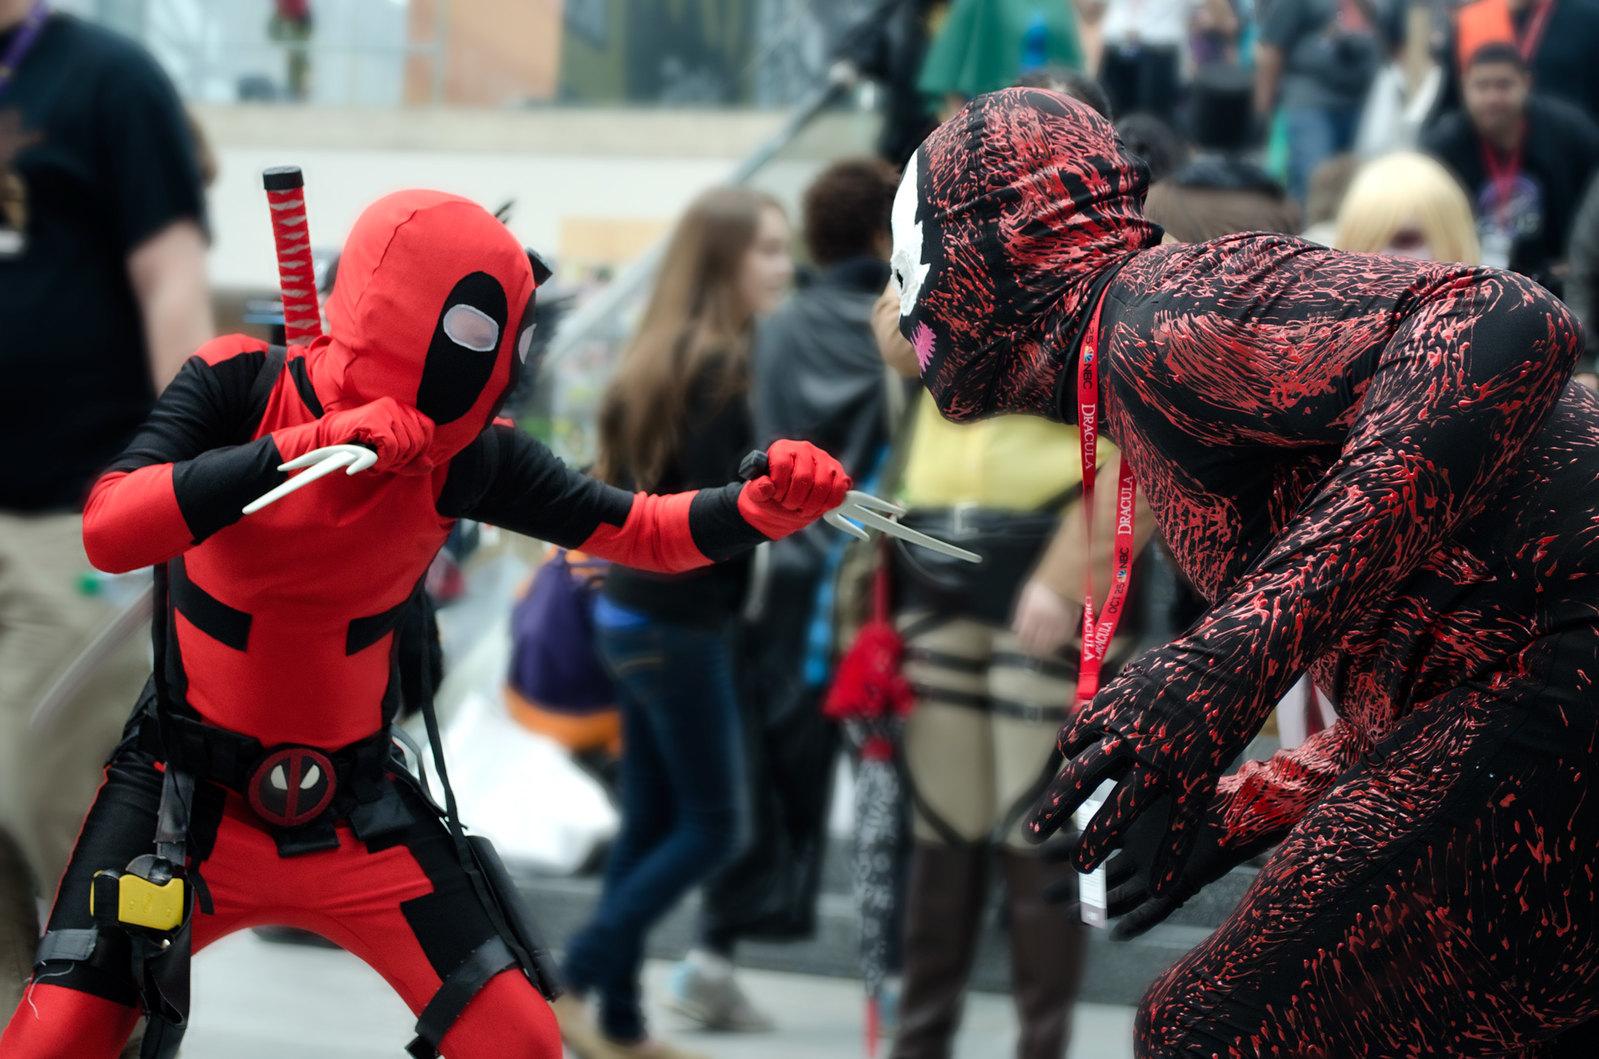 NYCC Deadpool Cosplay